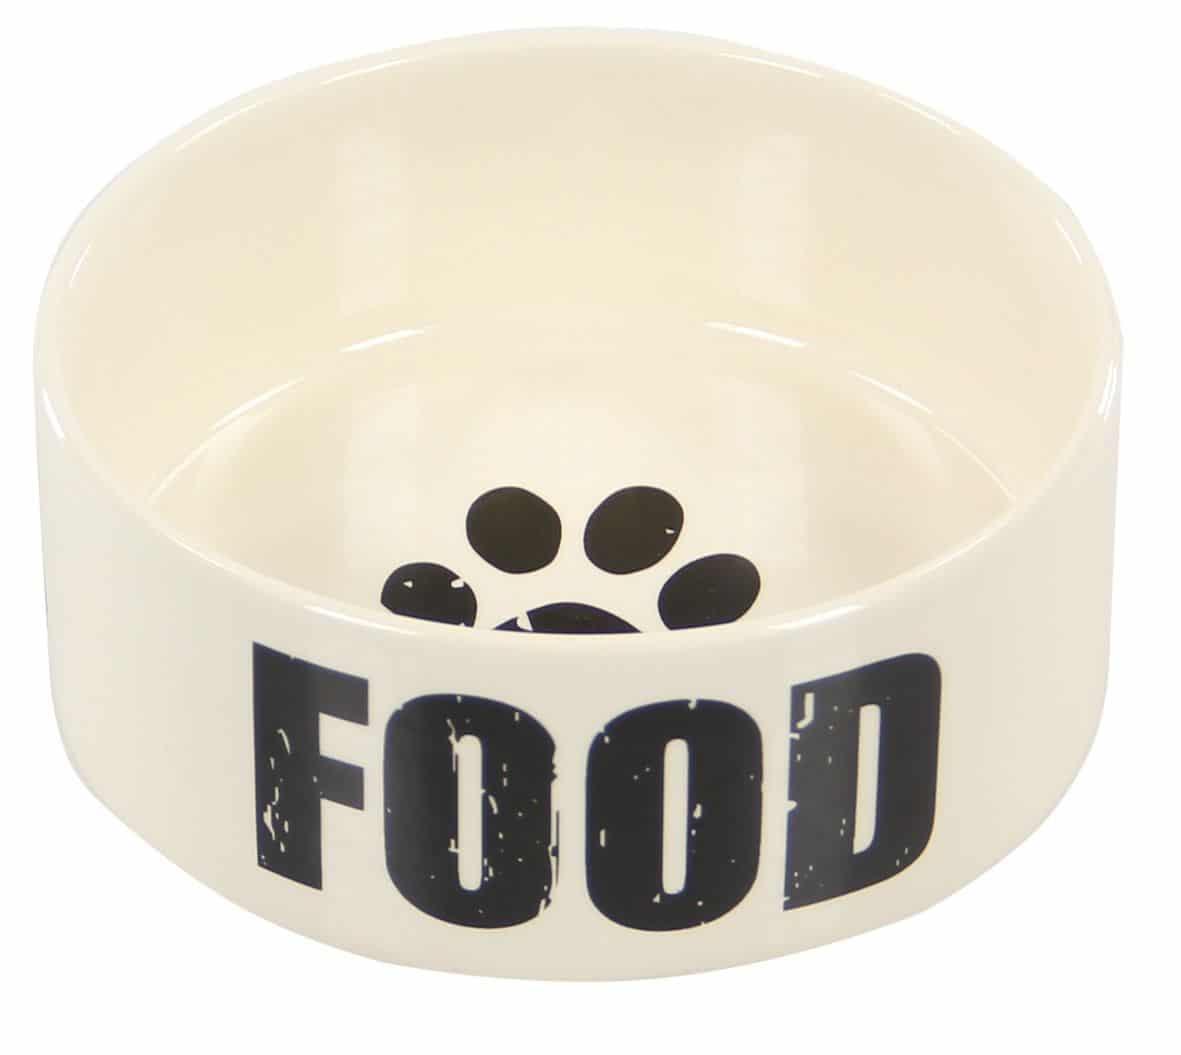 futternapf keramik hunde swisspet aufdruck